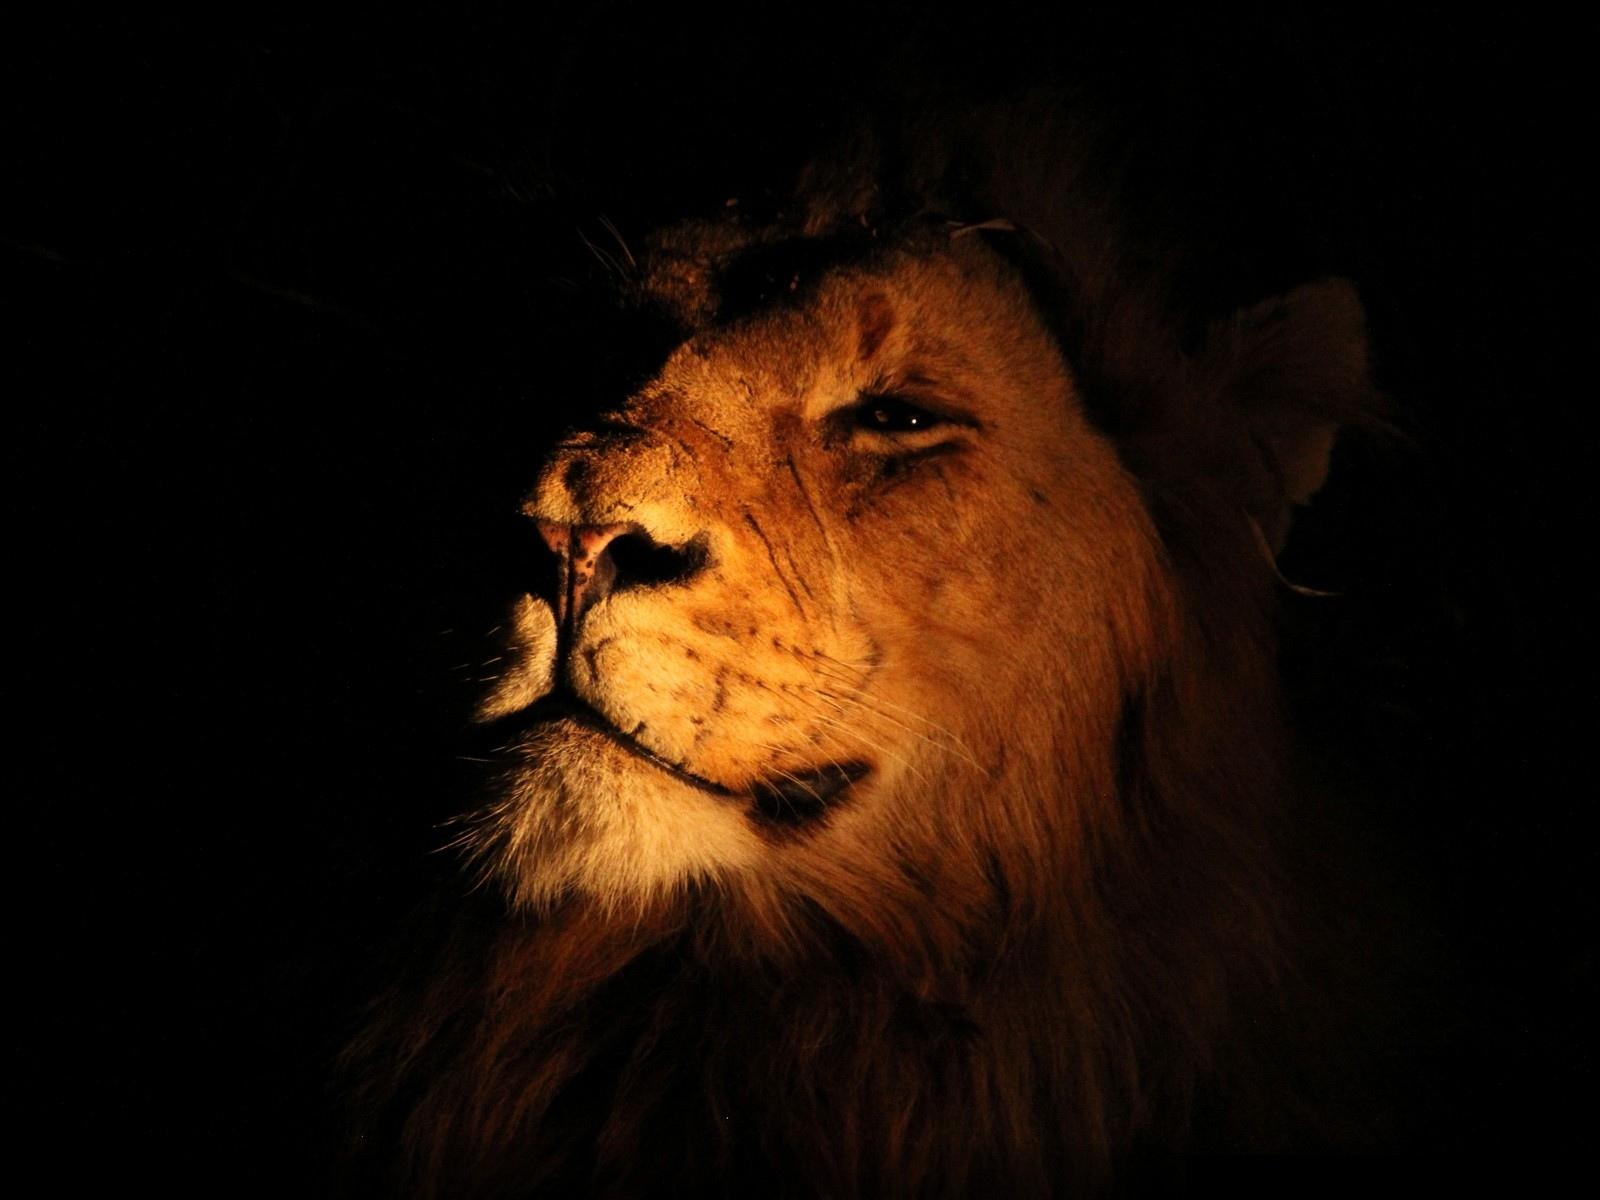 Fabuleux Le roi lion - Wallpaper - 10 000 Fonds d'écran HD gratuits et de  FL57